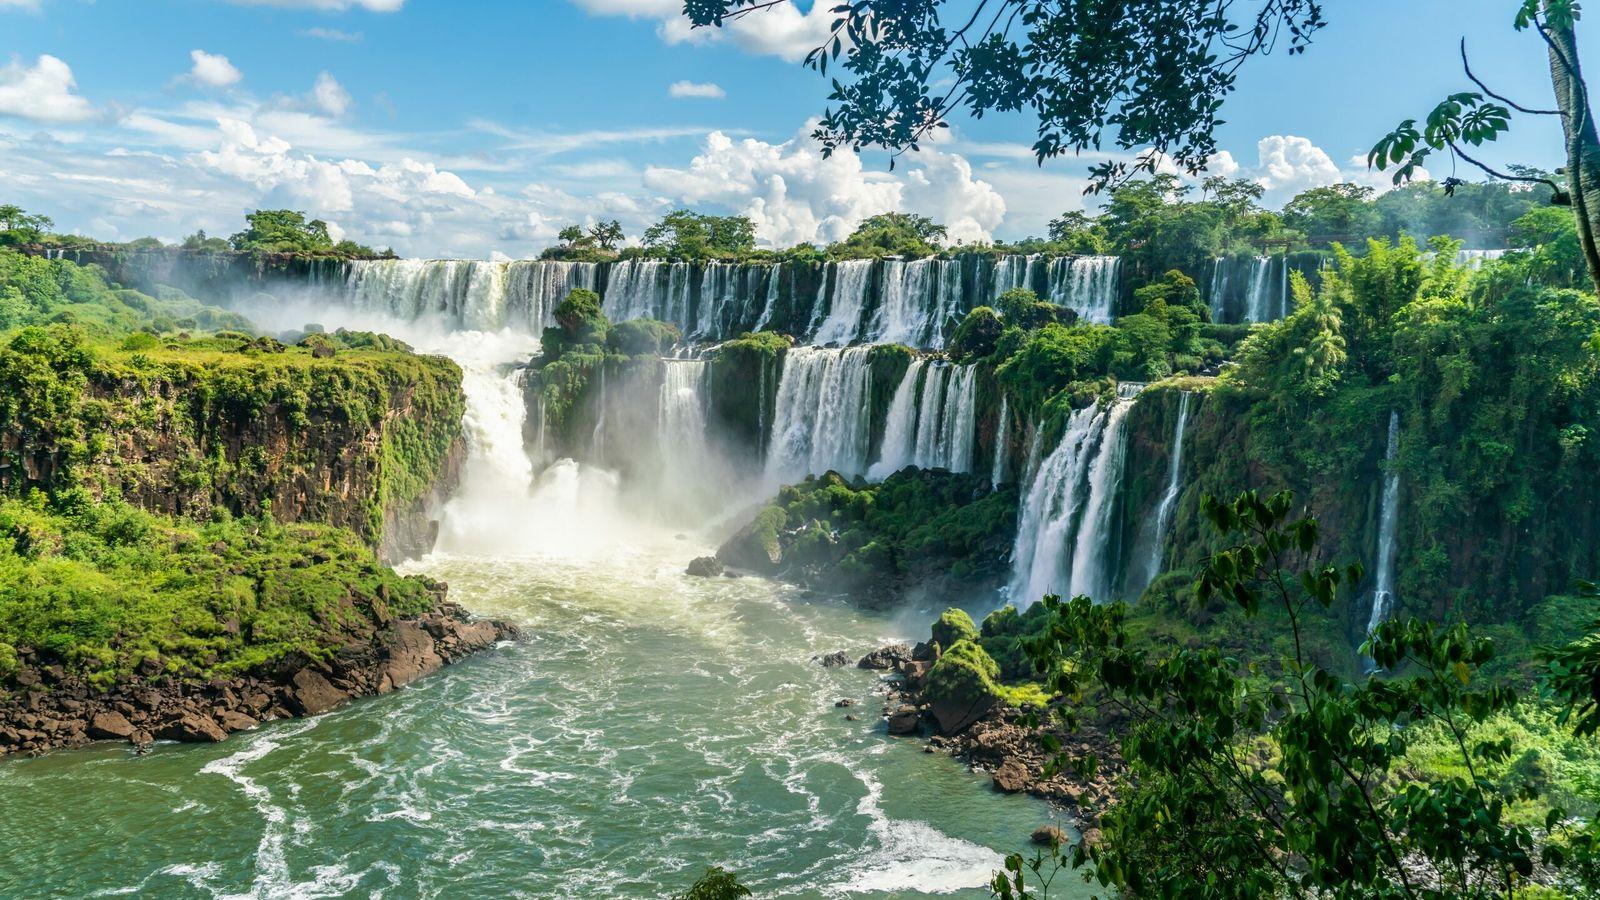 Une partie des chutes d'Iguazu vue du parc national argentin.